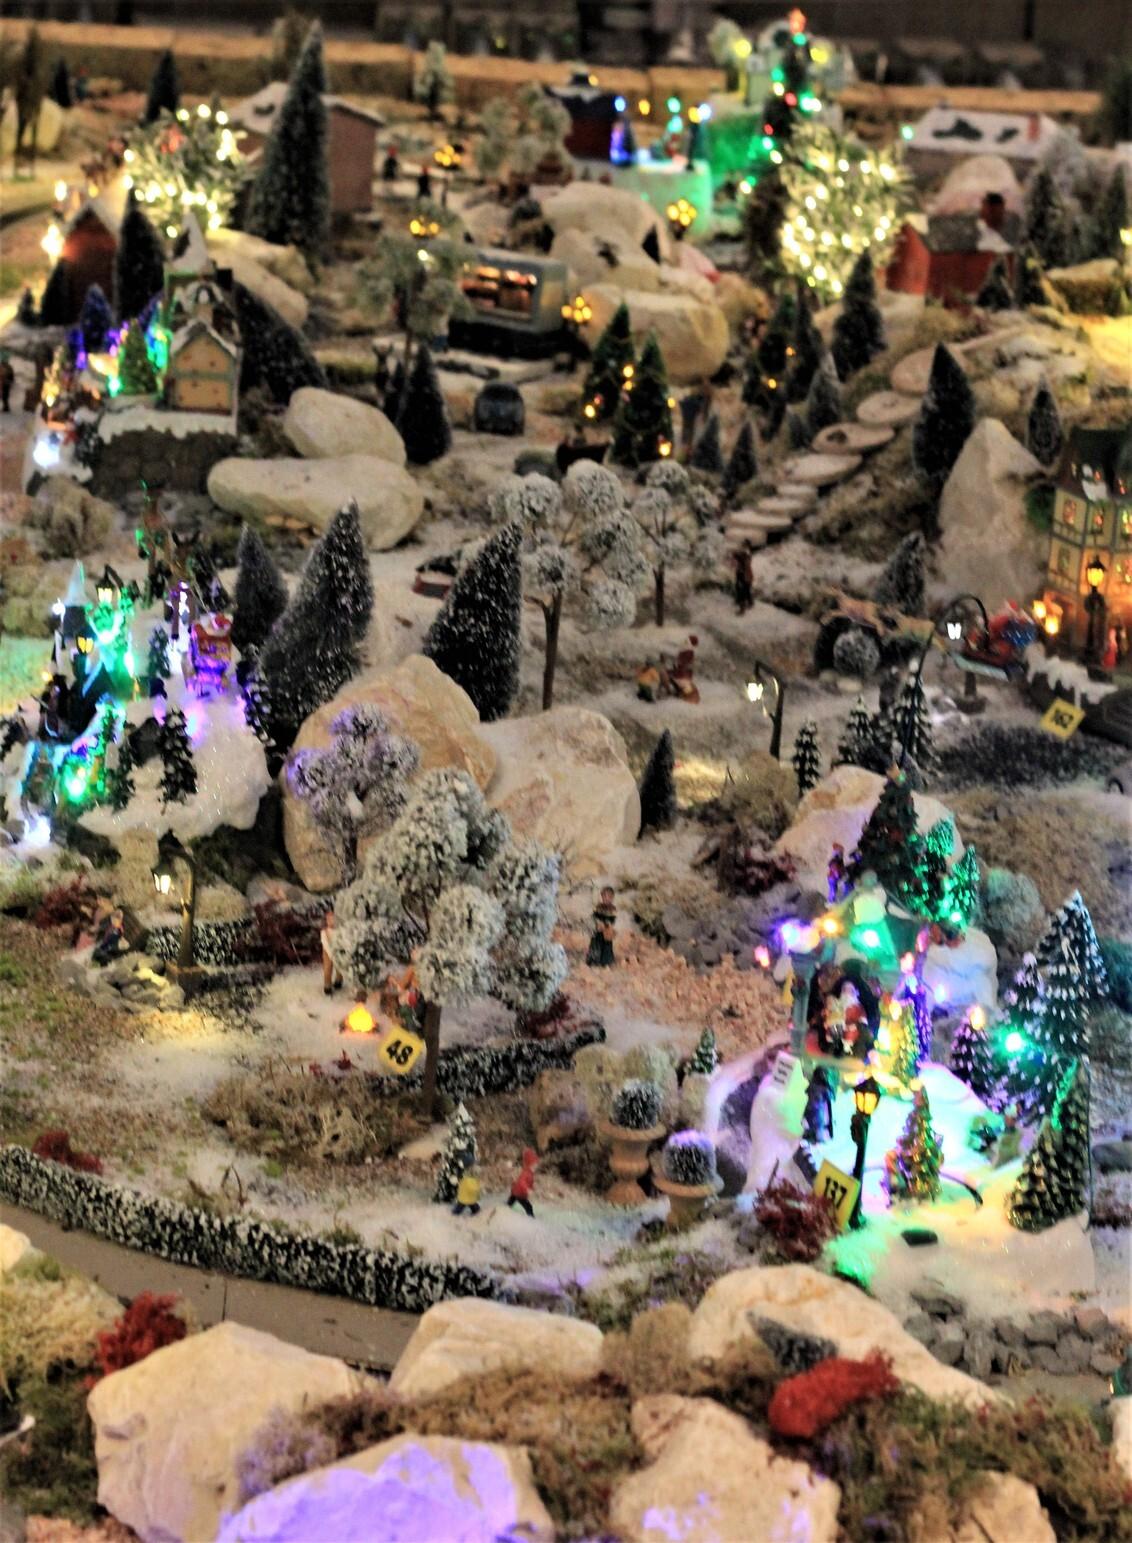 001 (2) - kerst foto Intratuin ge maakt - foto door ltomey op 29-11-2020 - deze foto bevat: kerst foto